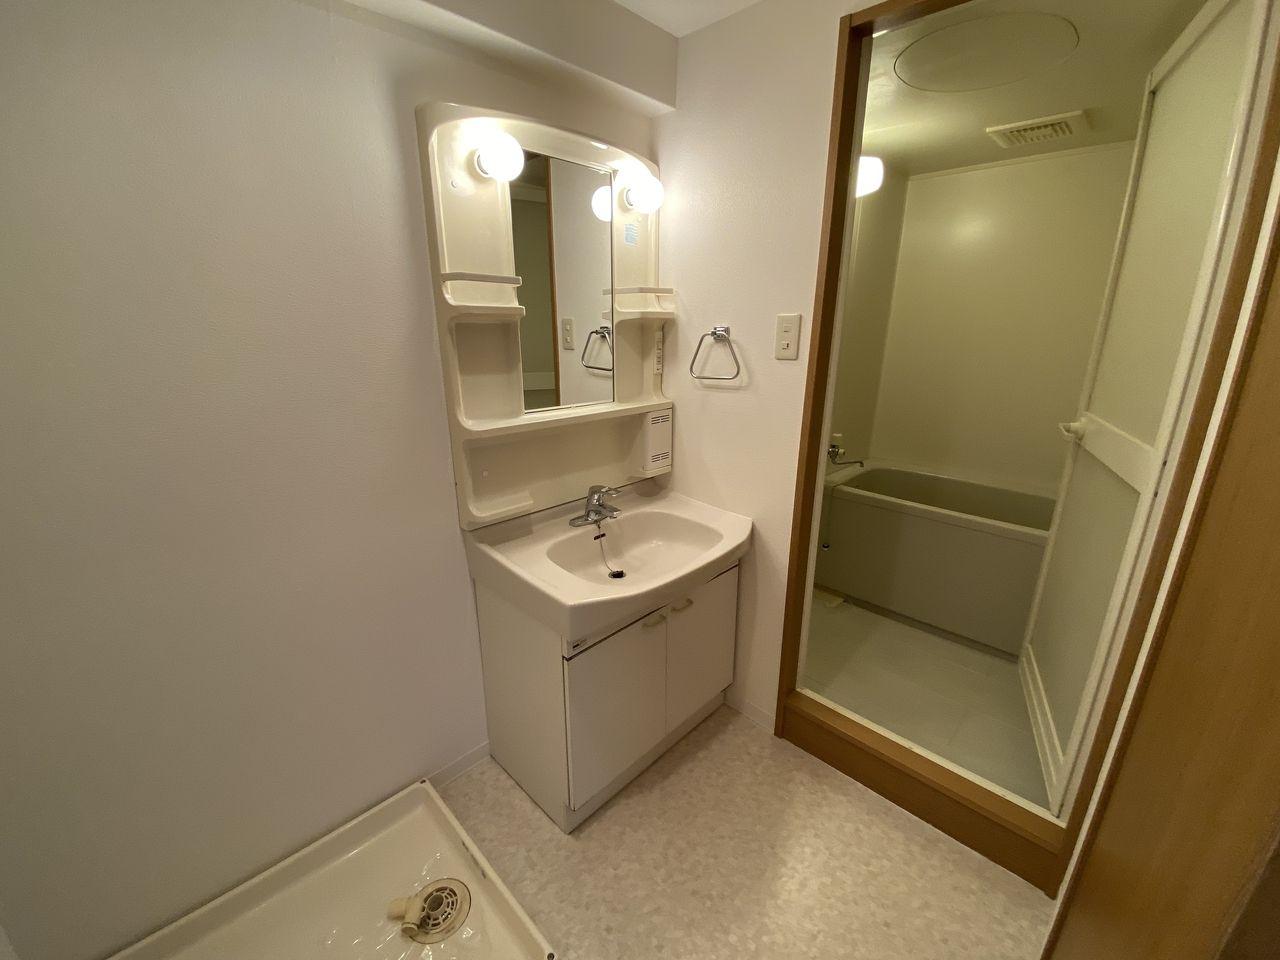 横浜市青葉区美しが丘4-22-5・「アドバンスヴィラ」201号室・洗面化粧台